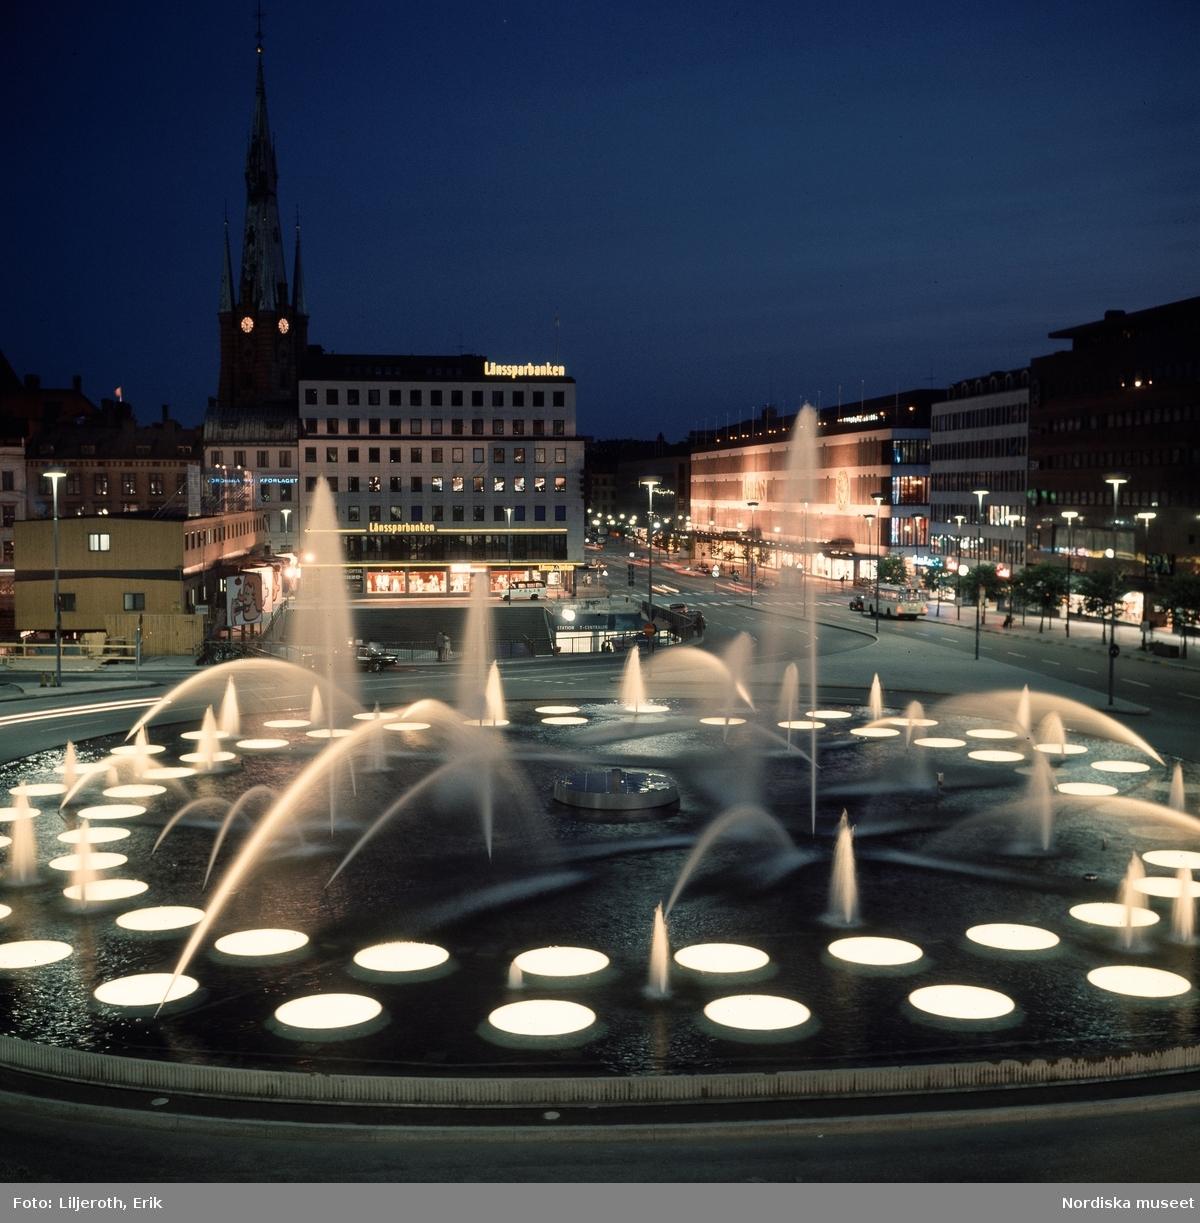 Sergels torg, Stockholm, kväll. Utsikt mot entrén till T-centralen, Åhlénshuset och Klara kyrka.